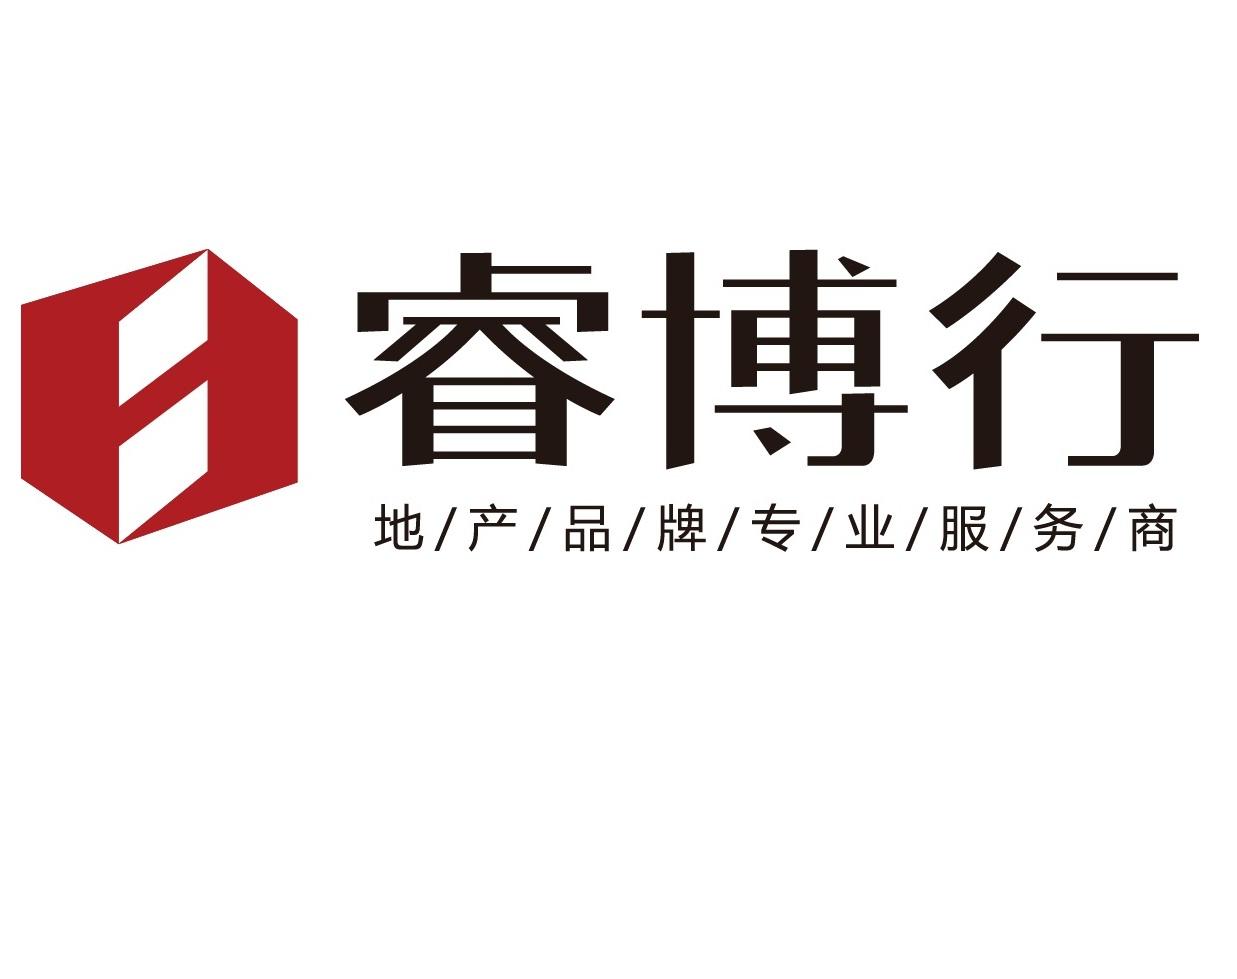 青島睿博行投資顧問服務有限公司